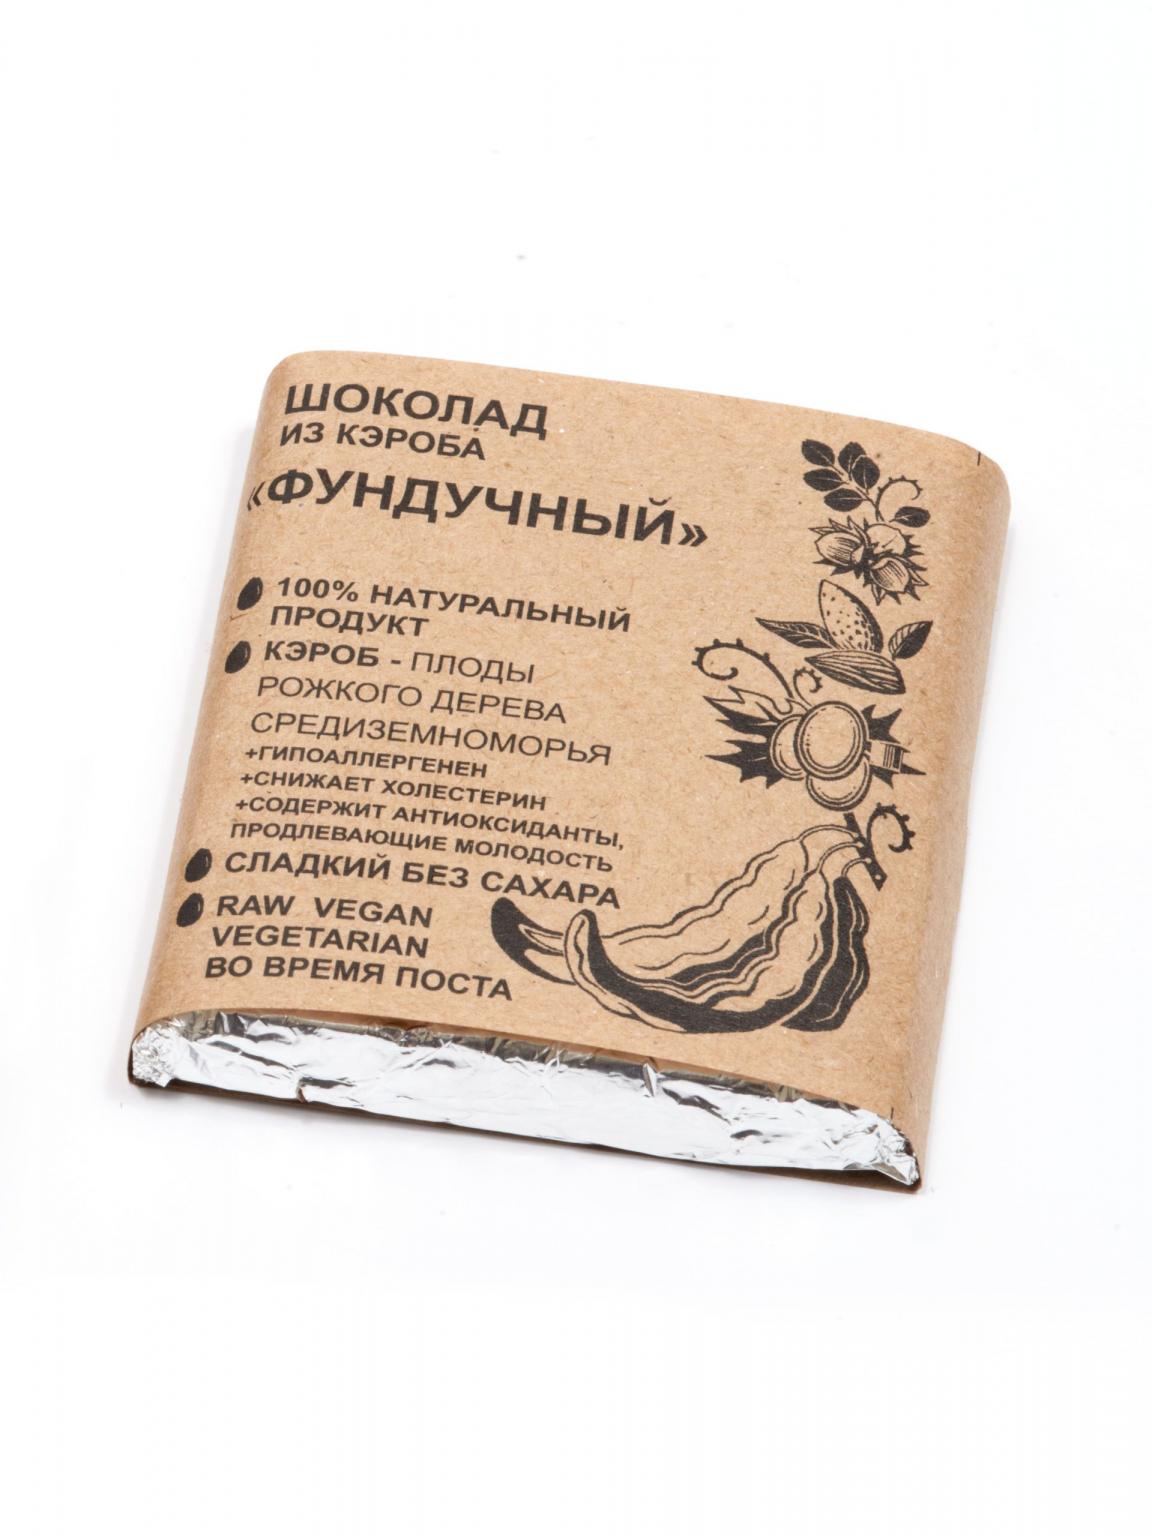 """Шоколад из кэроба """"Фундучный"""" 50гр """"Биокухня Урожай"""""""